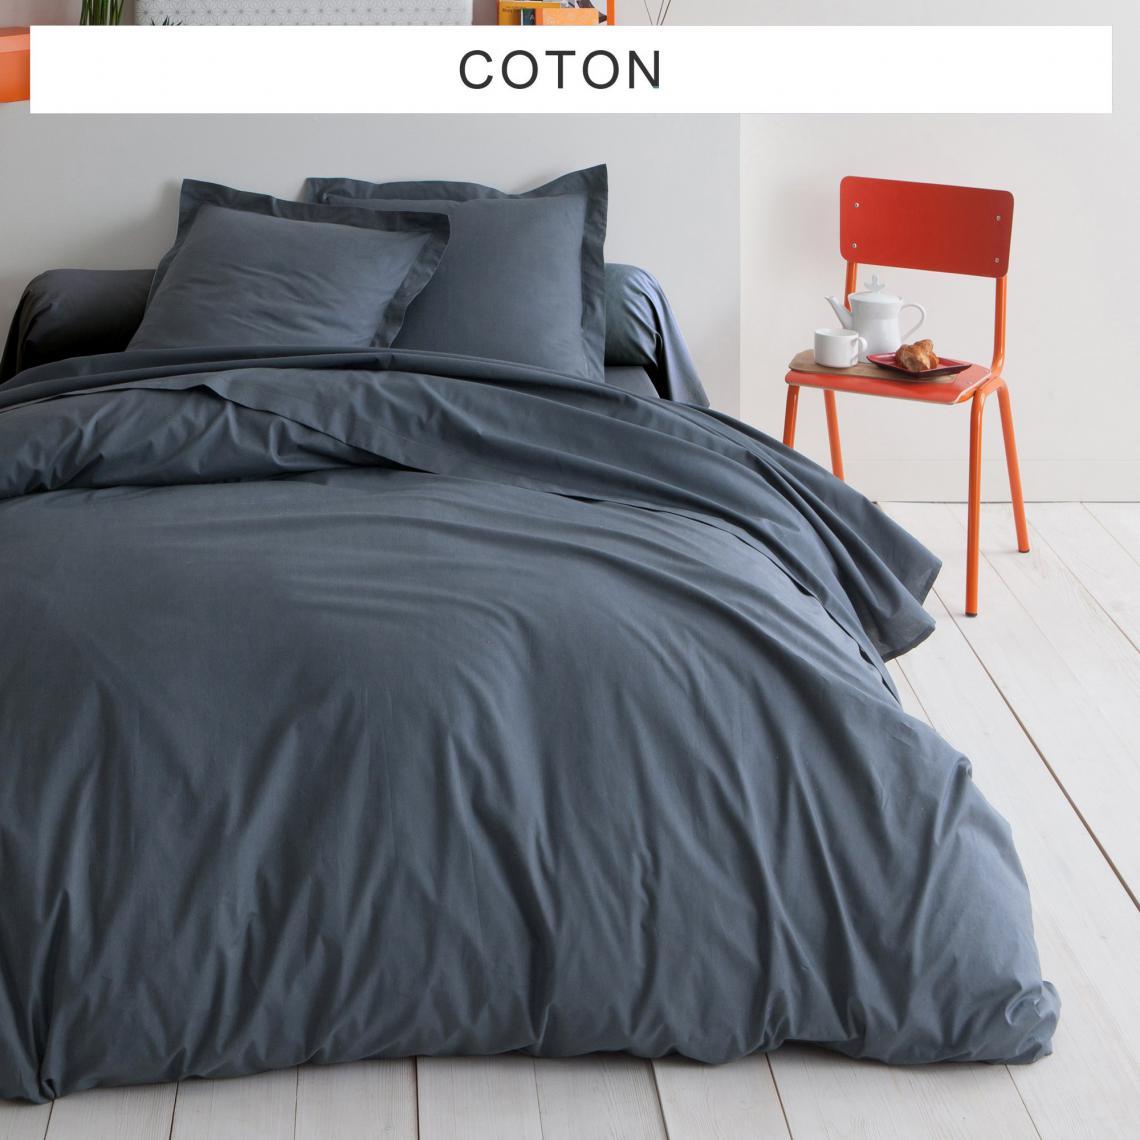 housse de couette unie coton tertio gris anthracite 3. Black Bedroom Furniture Sets. Home Design Ideas